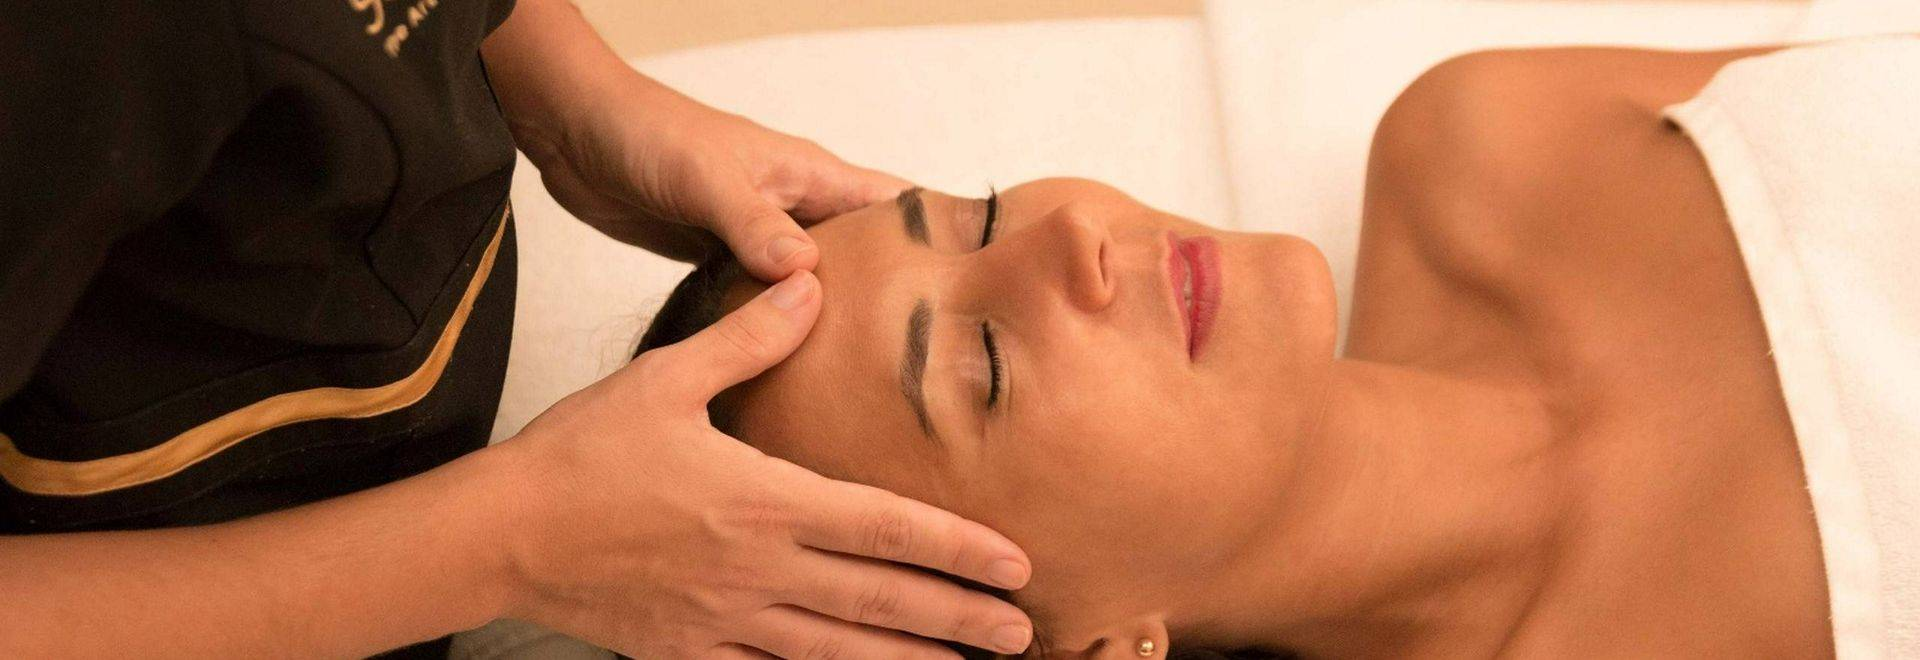 Pine-Cliffs-head-massage.jpg